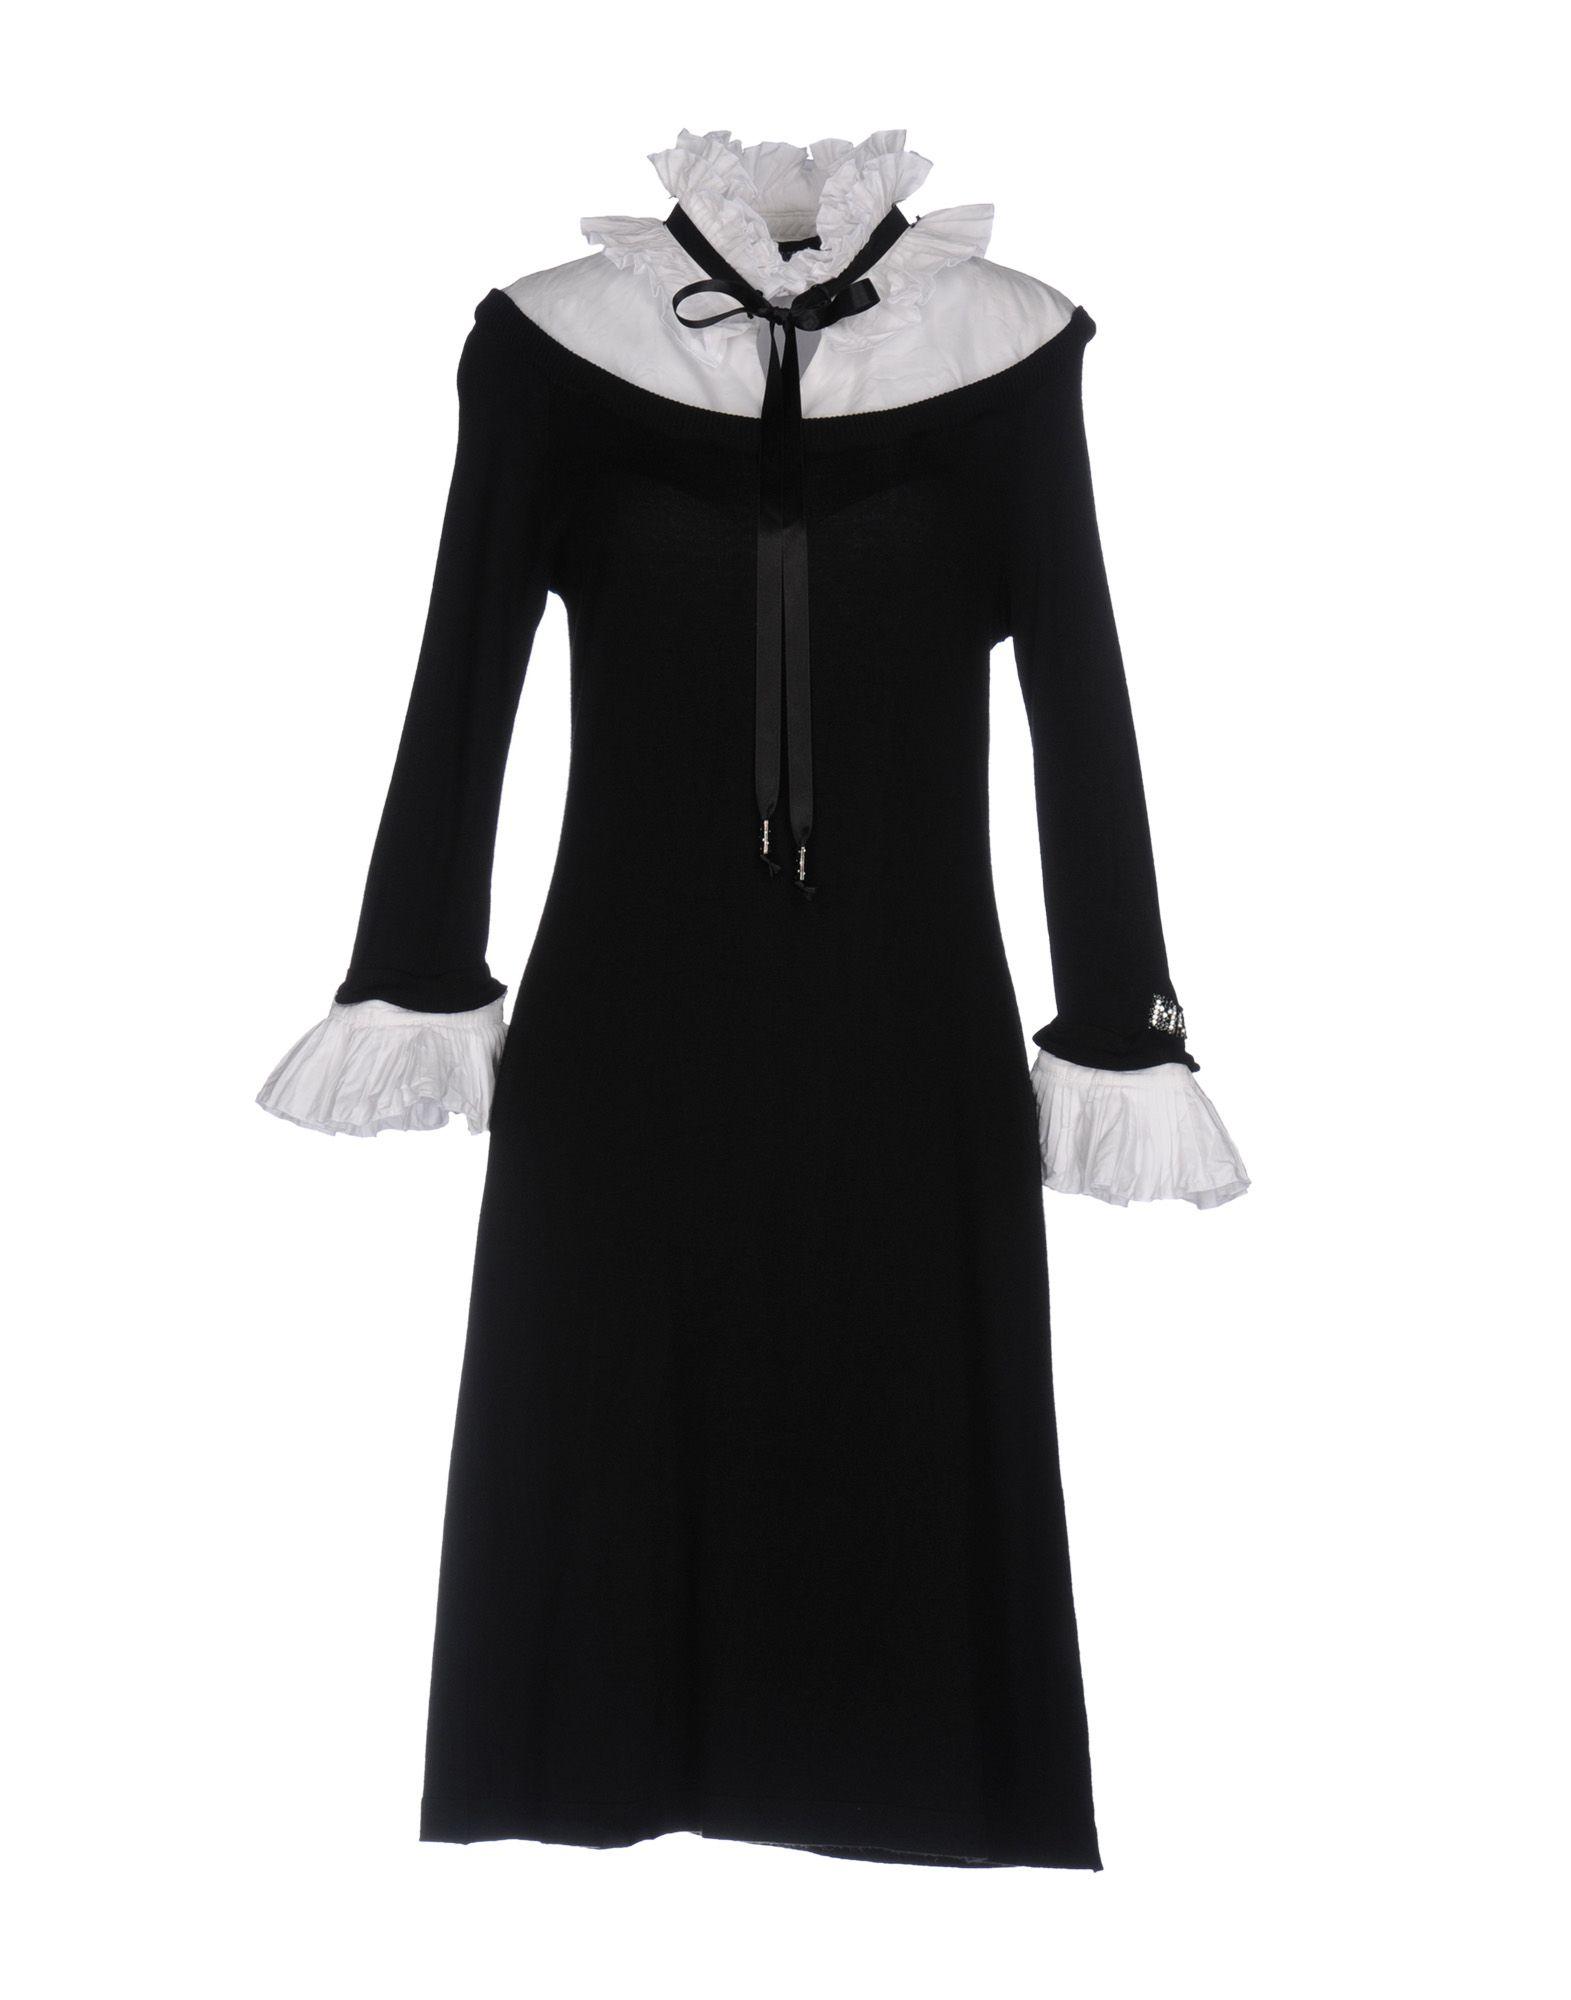 MARIA GRAZIA SEVERI Короткое платье платье полуприлегающее с отделкой maria grazia severi платье полуприлегающее с отделкой